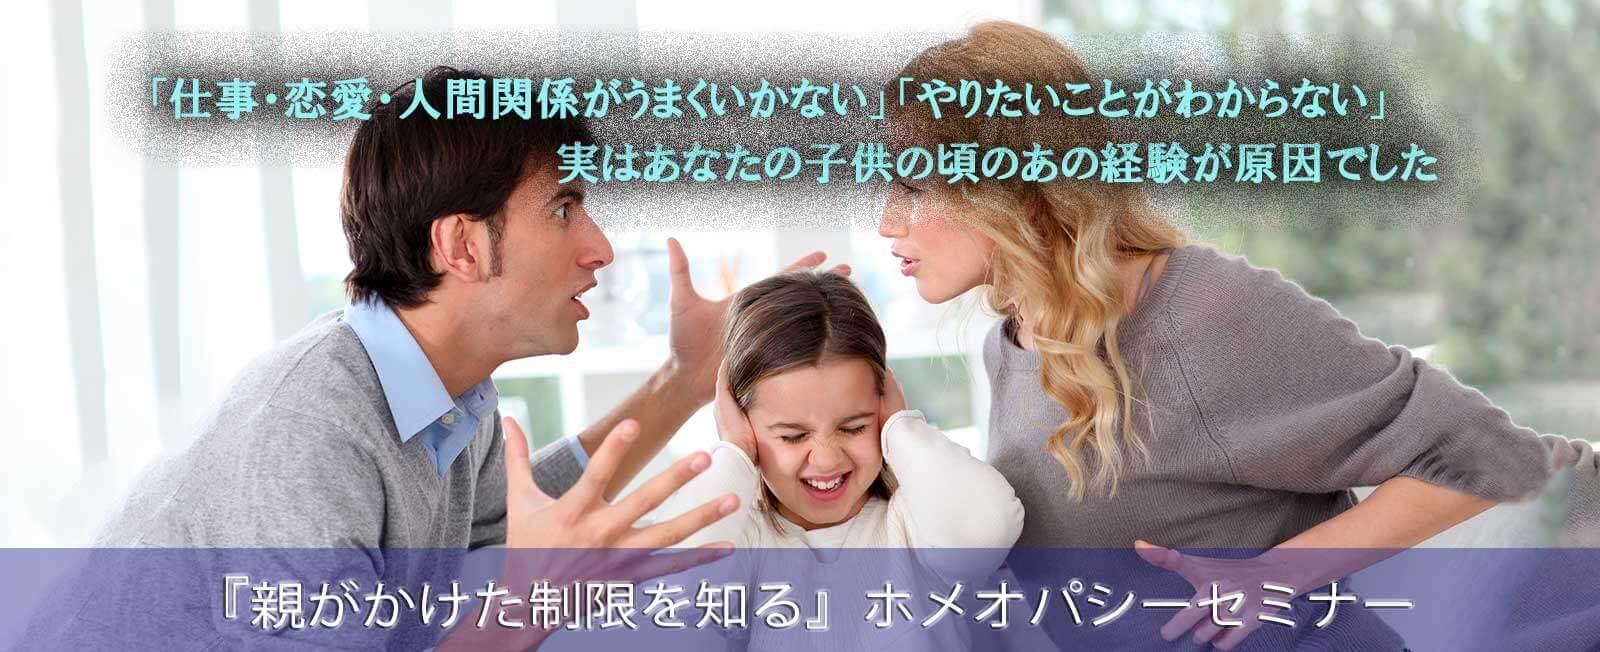 親子関係 セミナー